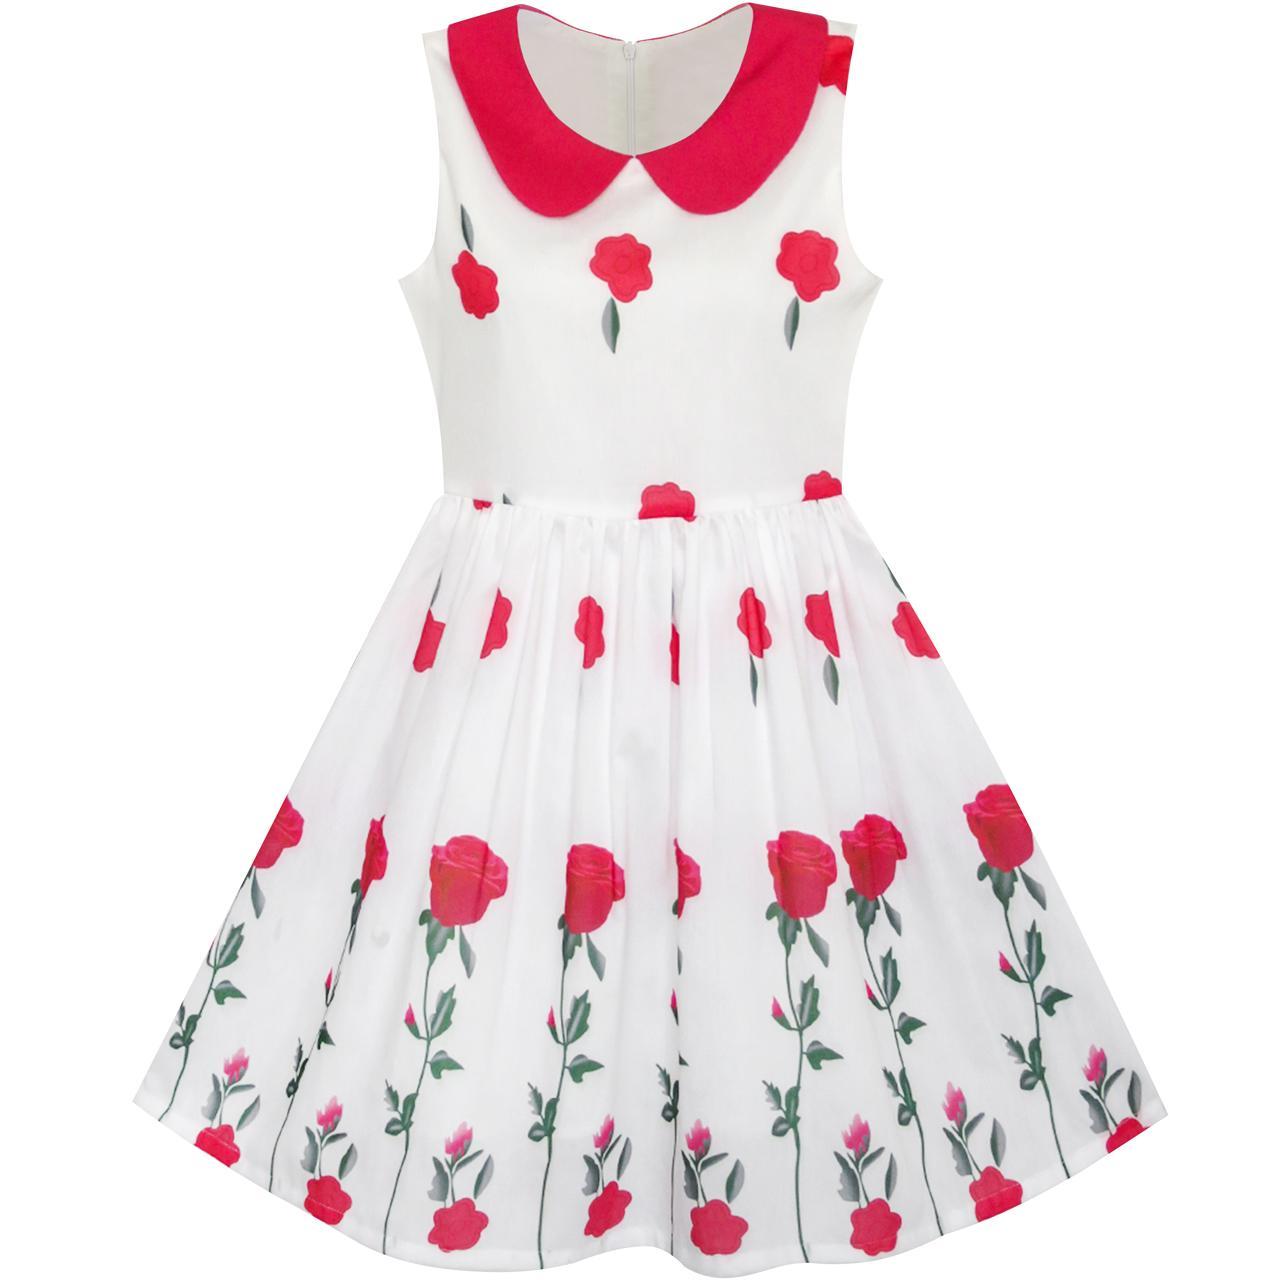 Fashionable flower girl dresses 84